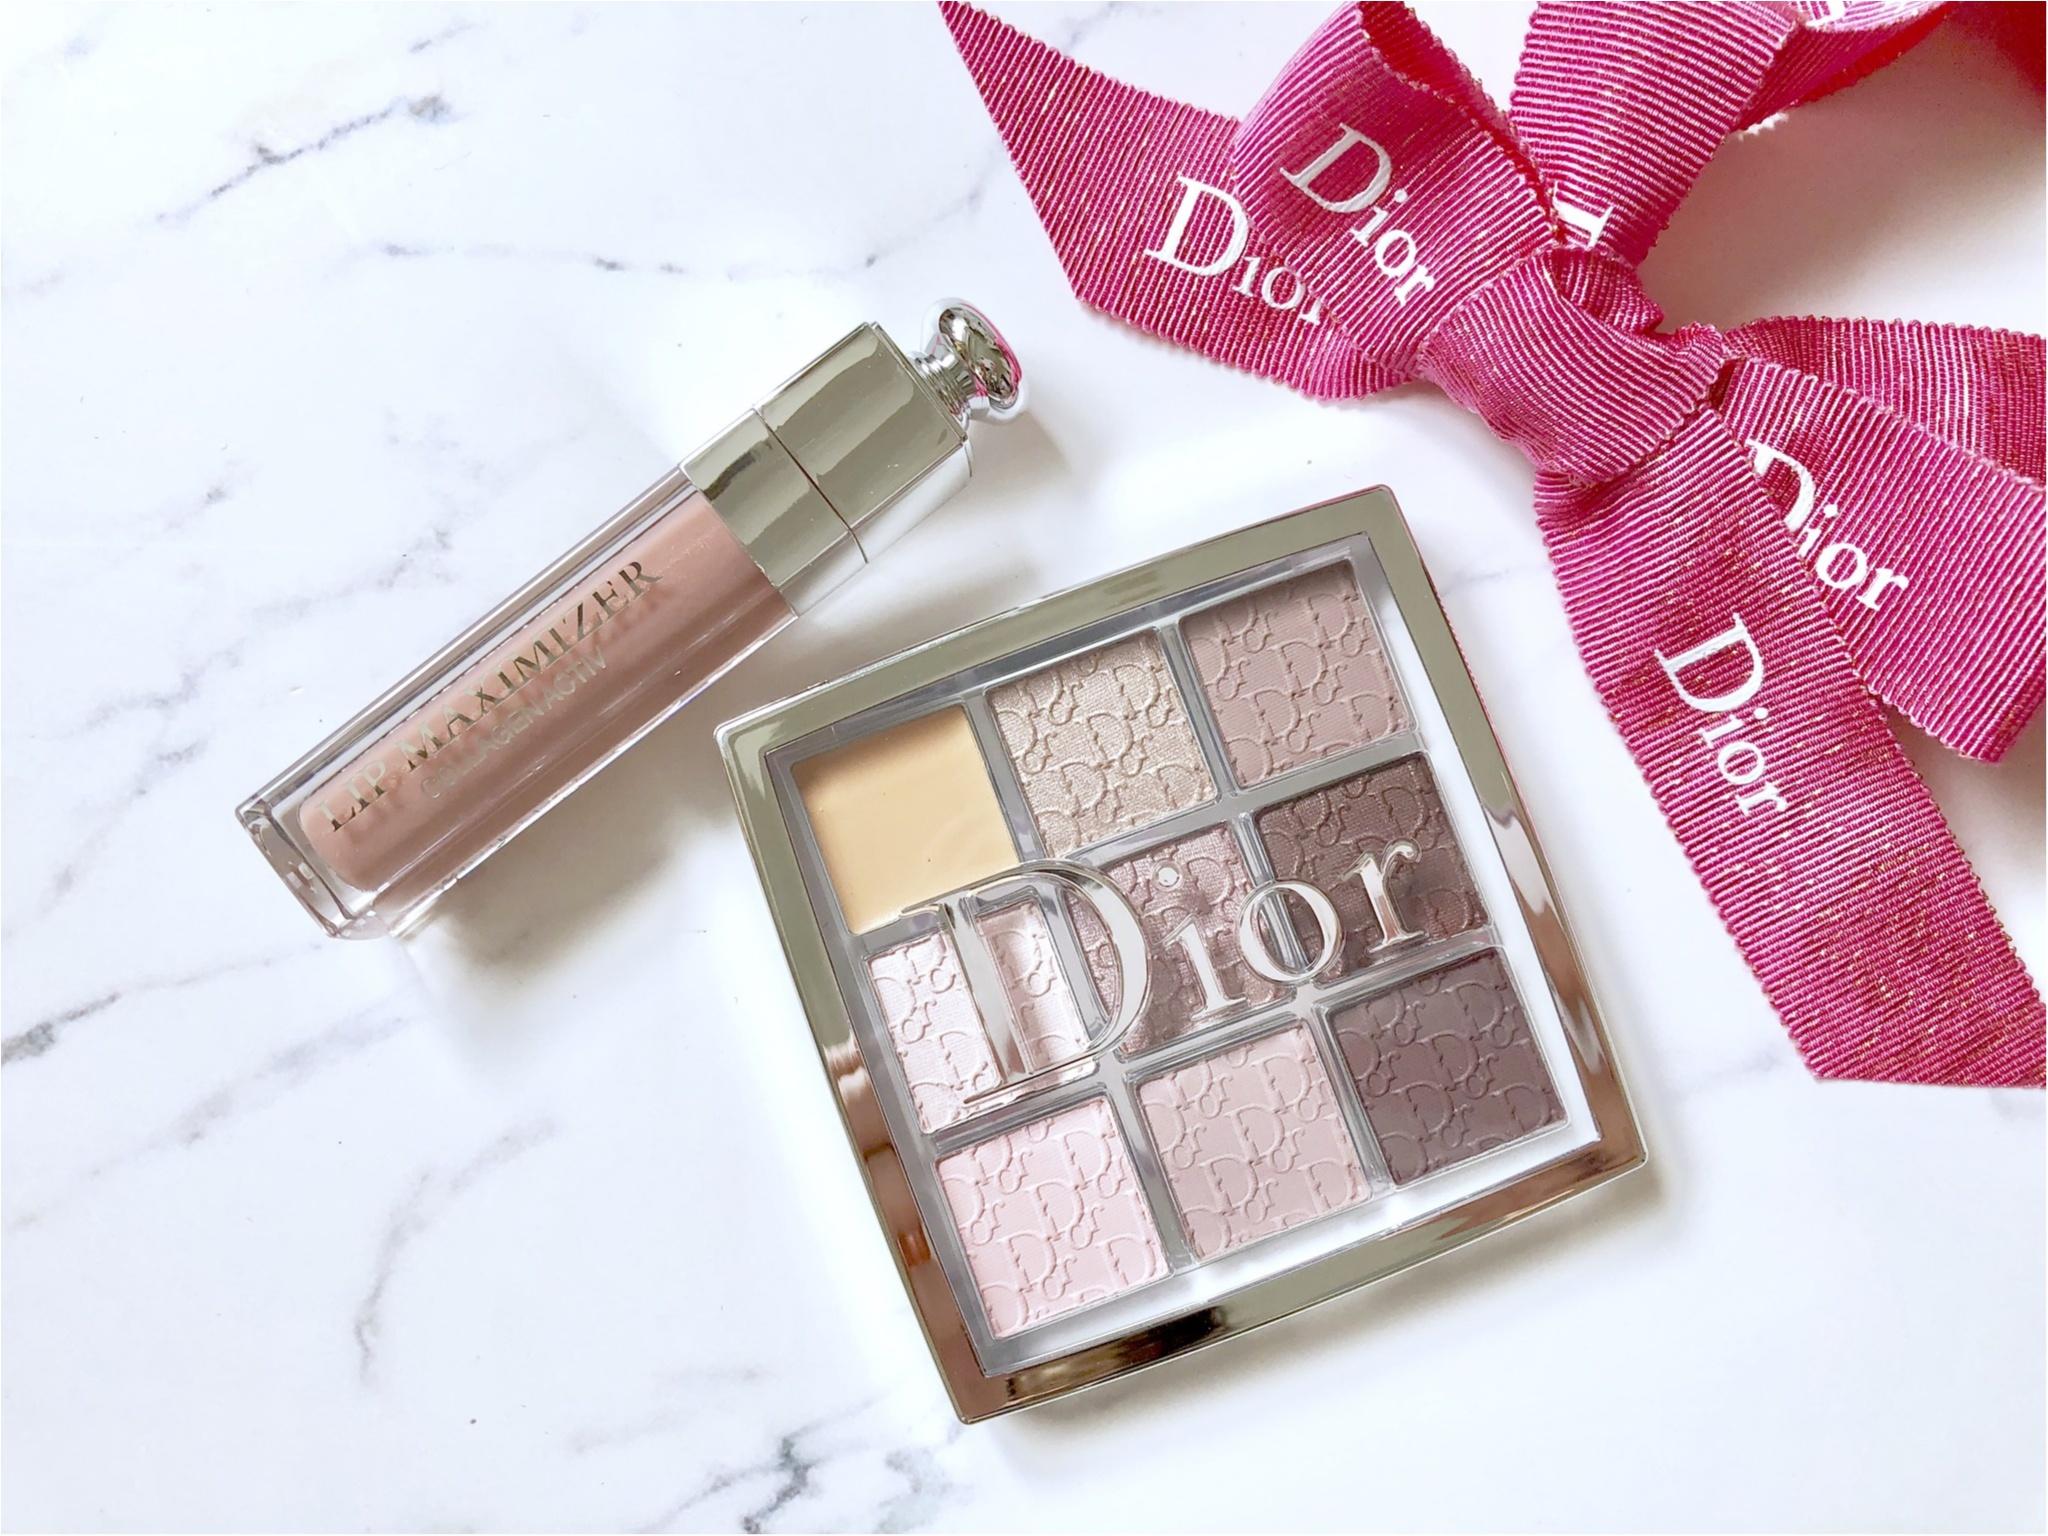 【Dior BACKSTAGE】世界先行発売で《メーガン妃のブライダルメイク》に使用された新作コスメをゲット❤️_1